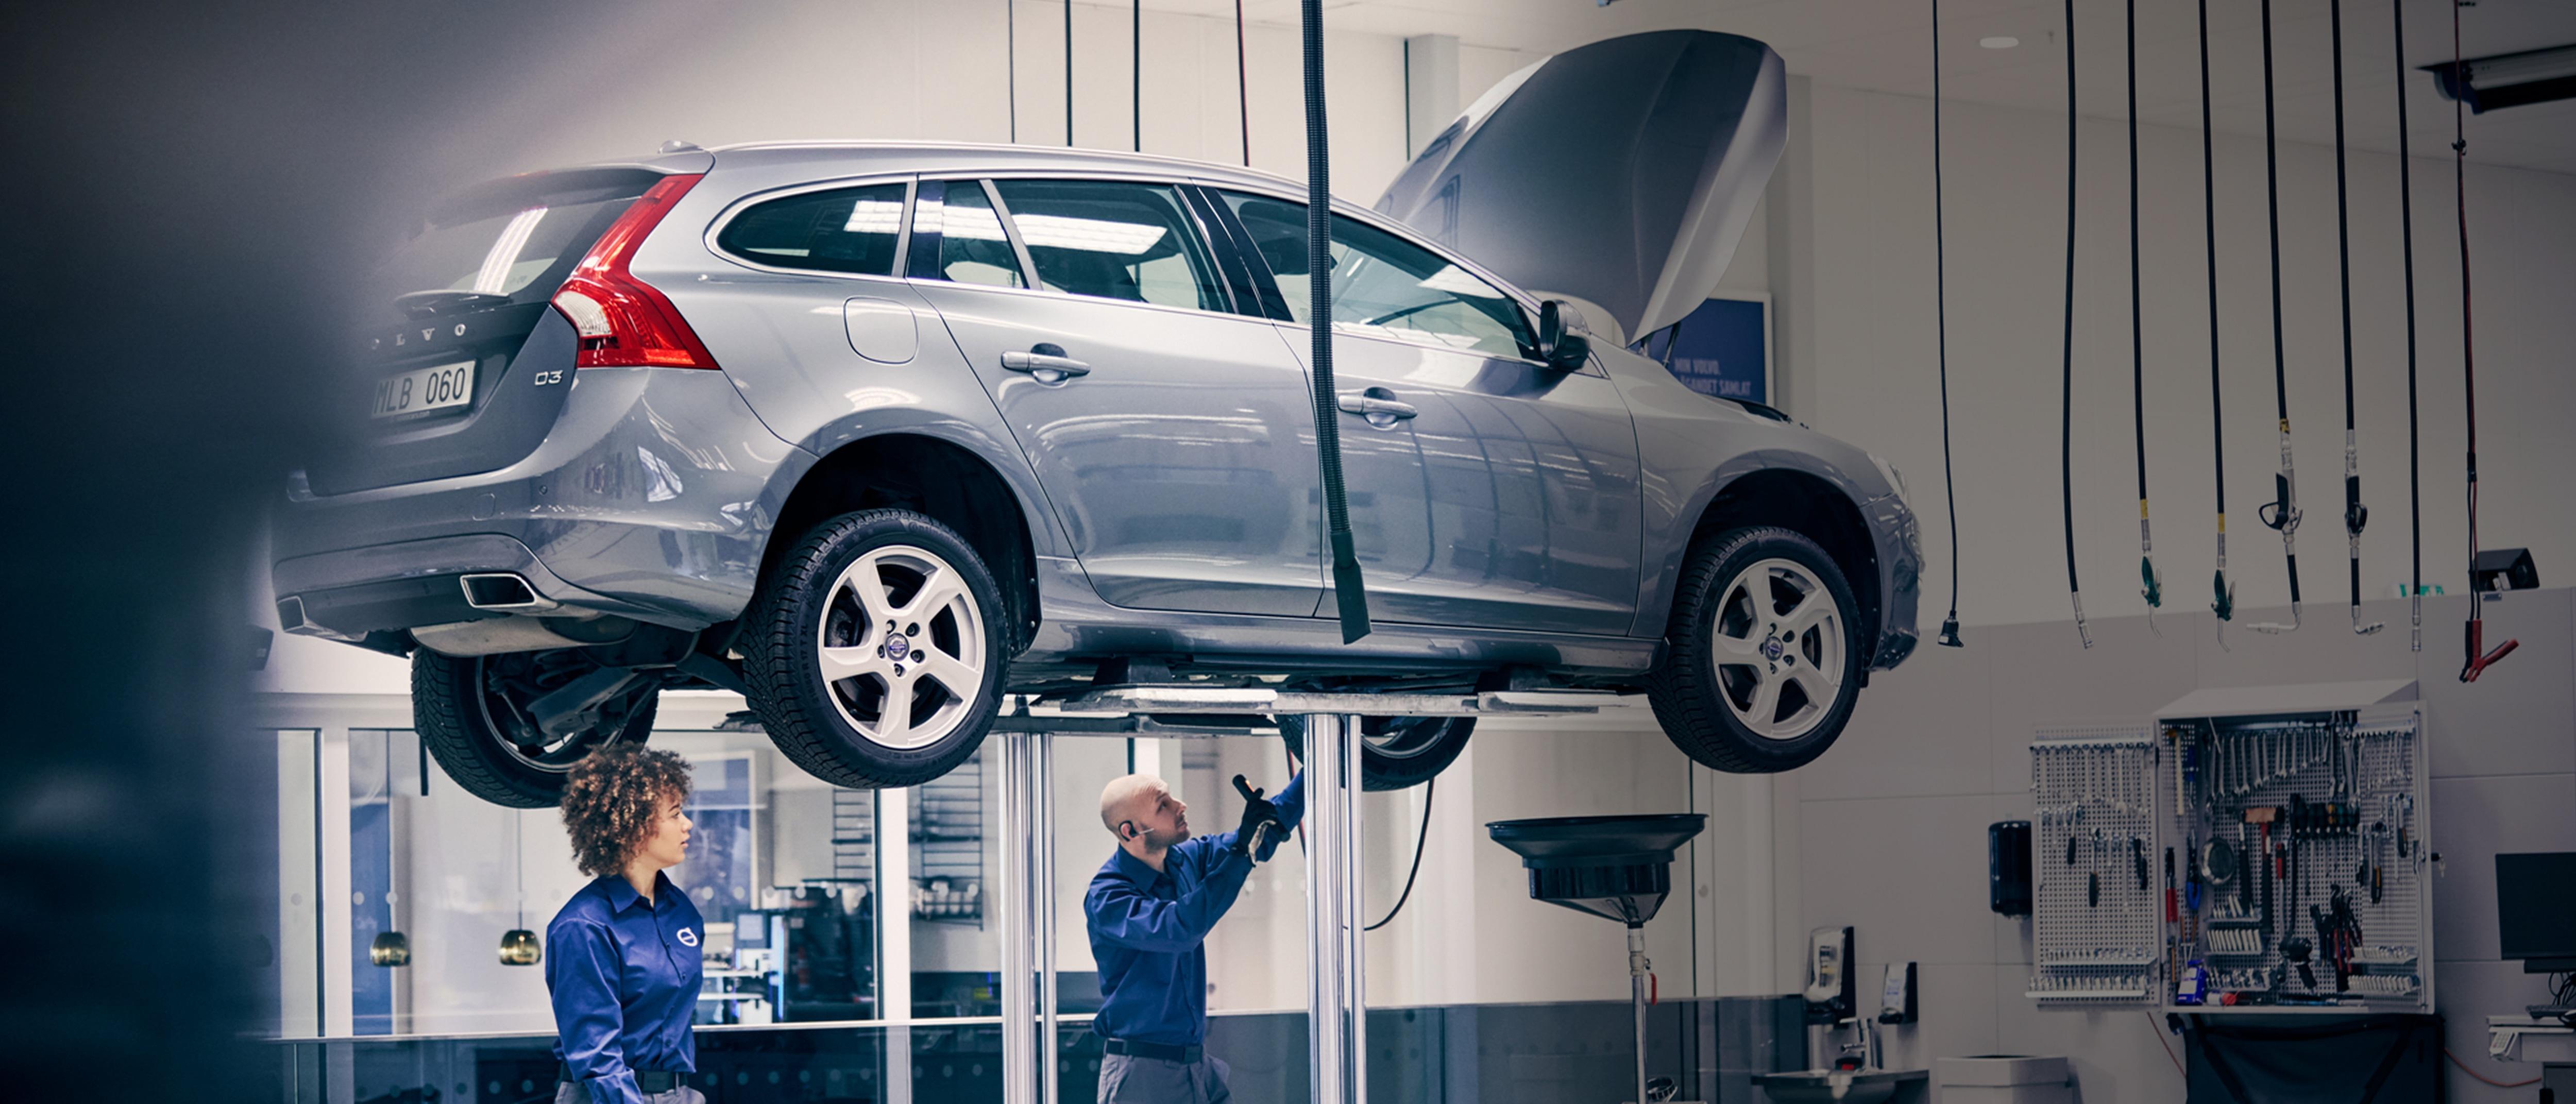 Volvo aracı serviste inceleyen bir servis elemanı